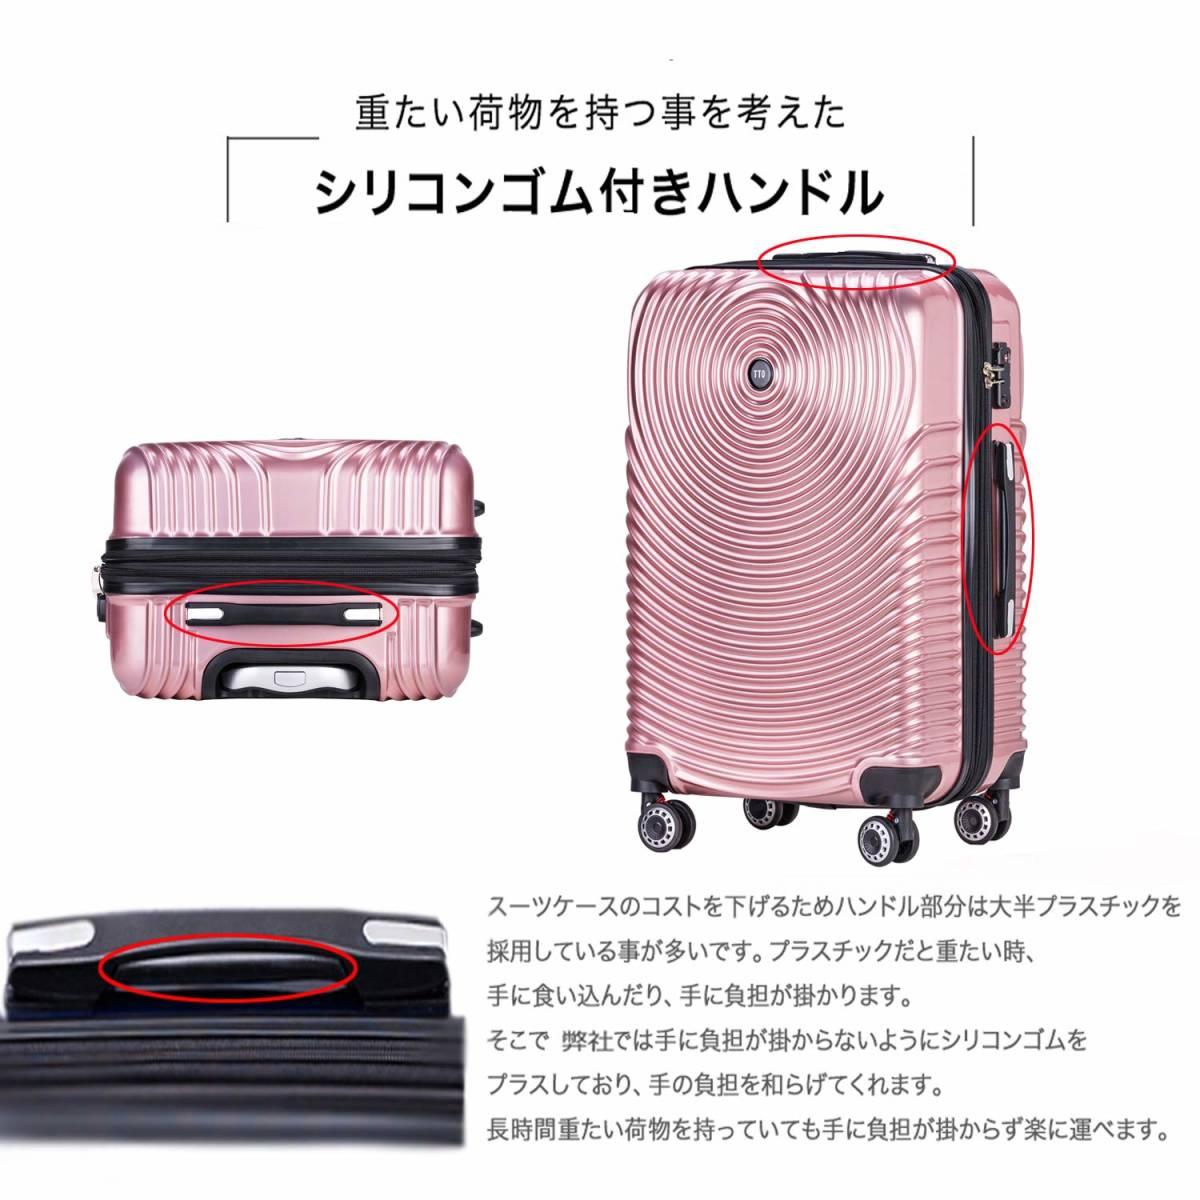 [TTOバリジェリア]TTOvaligeria スーツケース S機内持込 大型軽量 容量拡張 TSAロック搭載 静音 旅行用品 (S ローズゴールド)_画像8